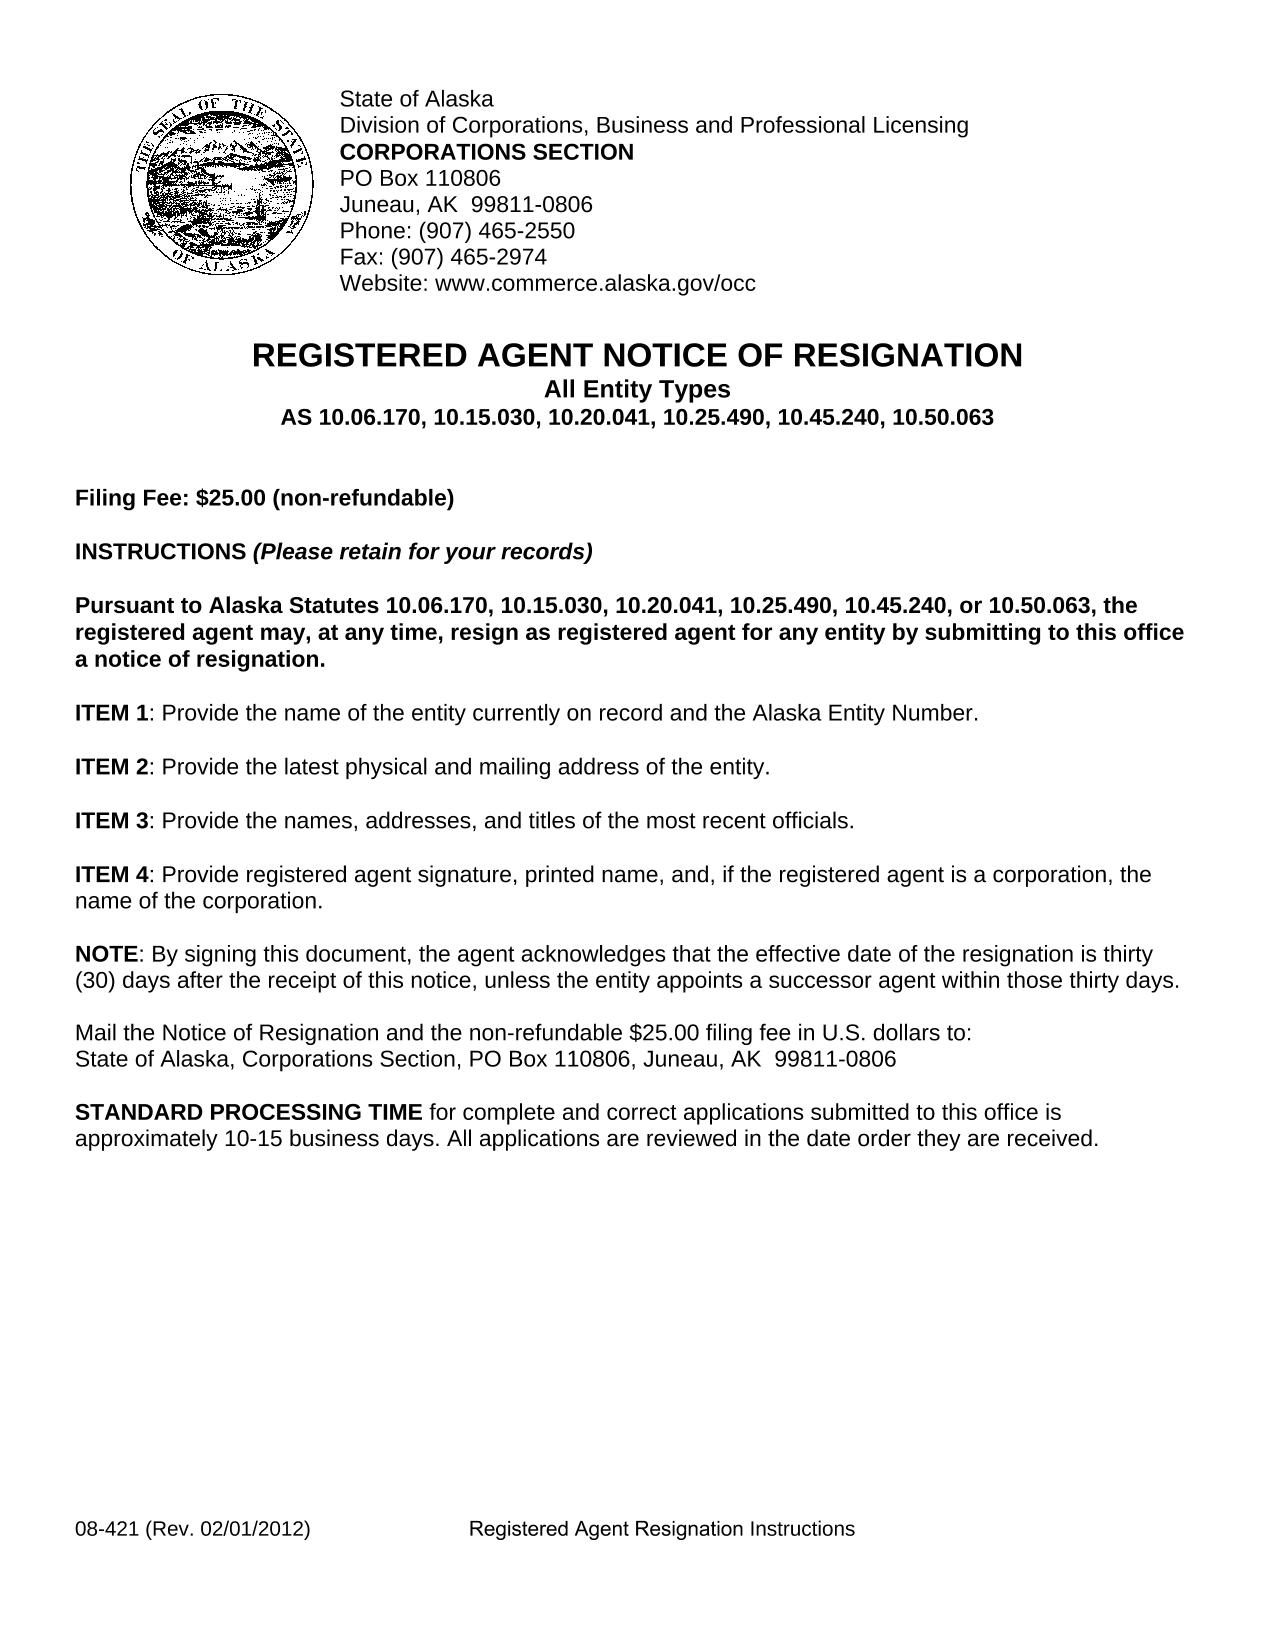 alaska-registered-agent-notice-of-resignation